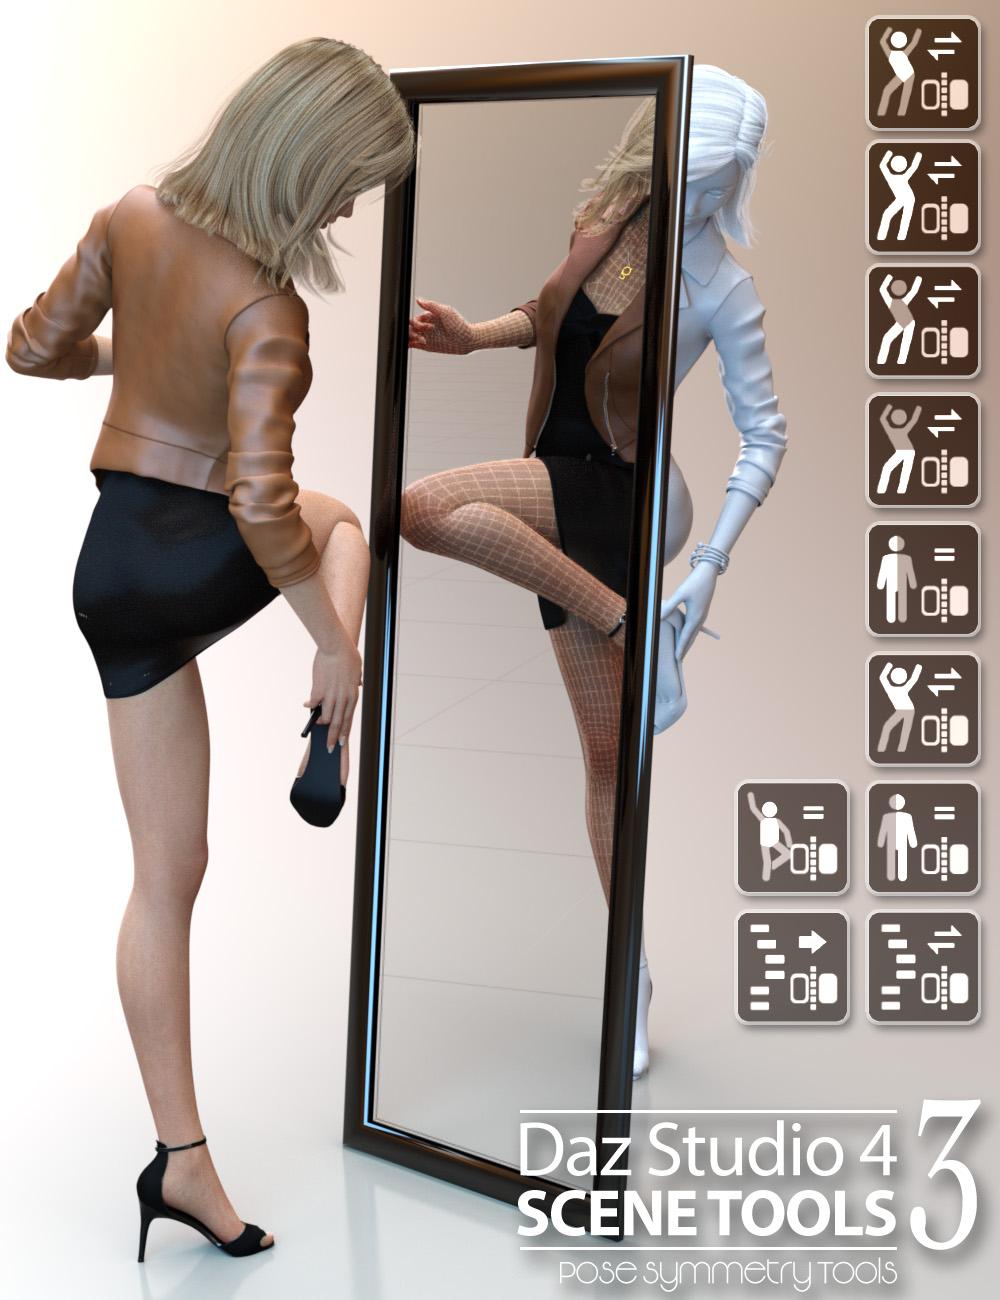 Daz Studio 4 Scene Tools Set 3 - Pose Symmetry by: 3D Universe, 3D Models by Daz 3D